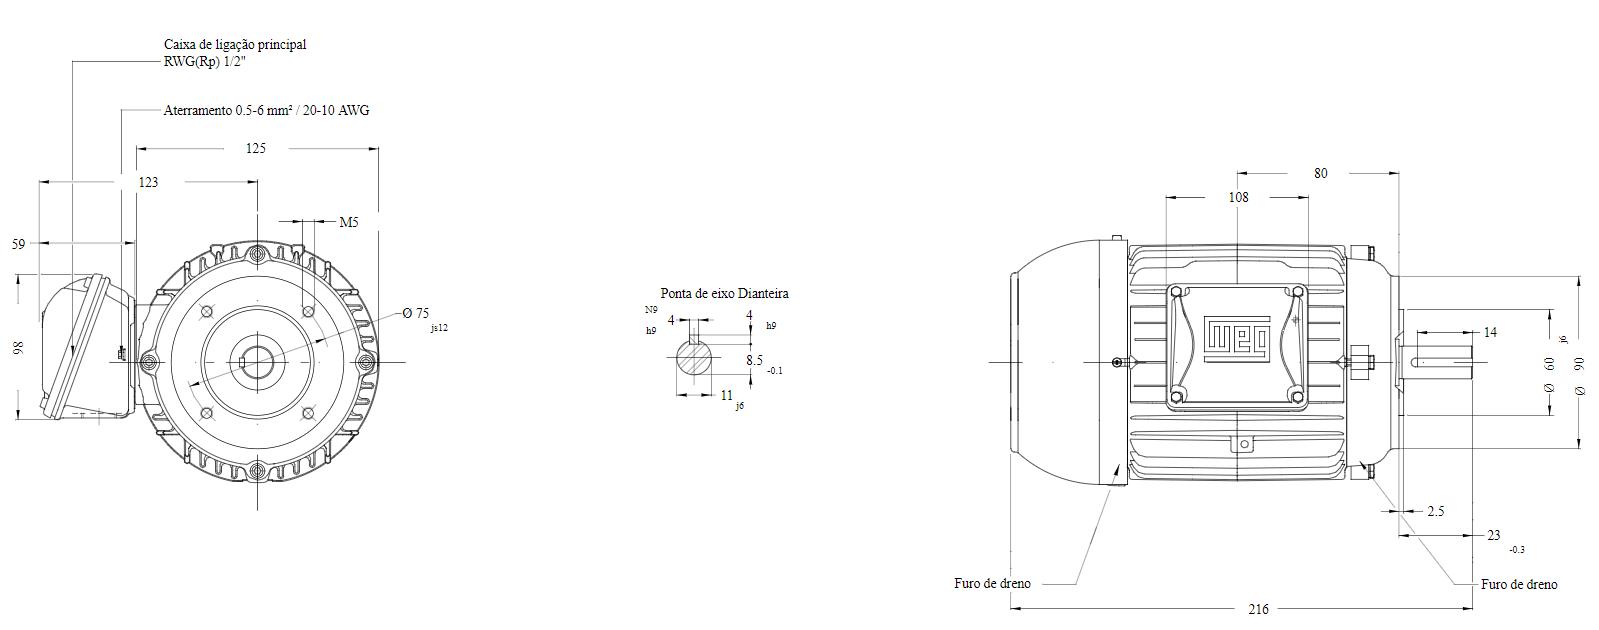 Motor elétrico Weg W22 IR3 Premium 0.16 cv 4P 63 3F 220/380 V 60 Hz IC411 - TFVE - B14D